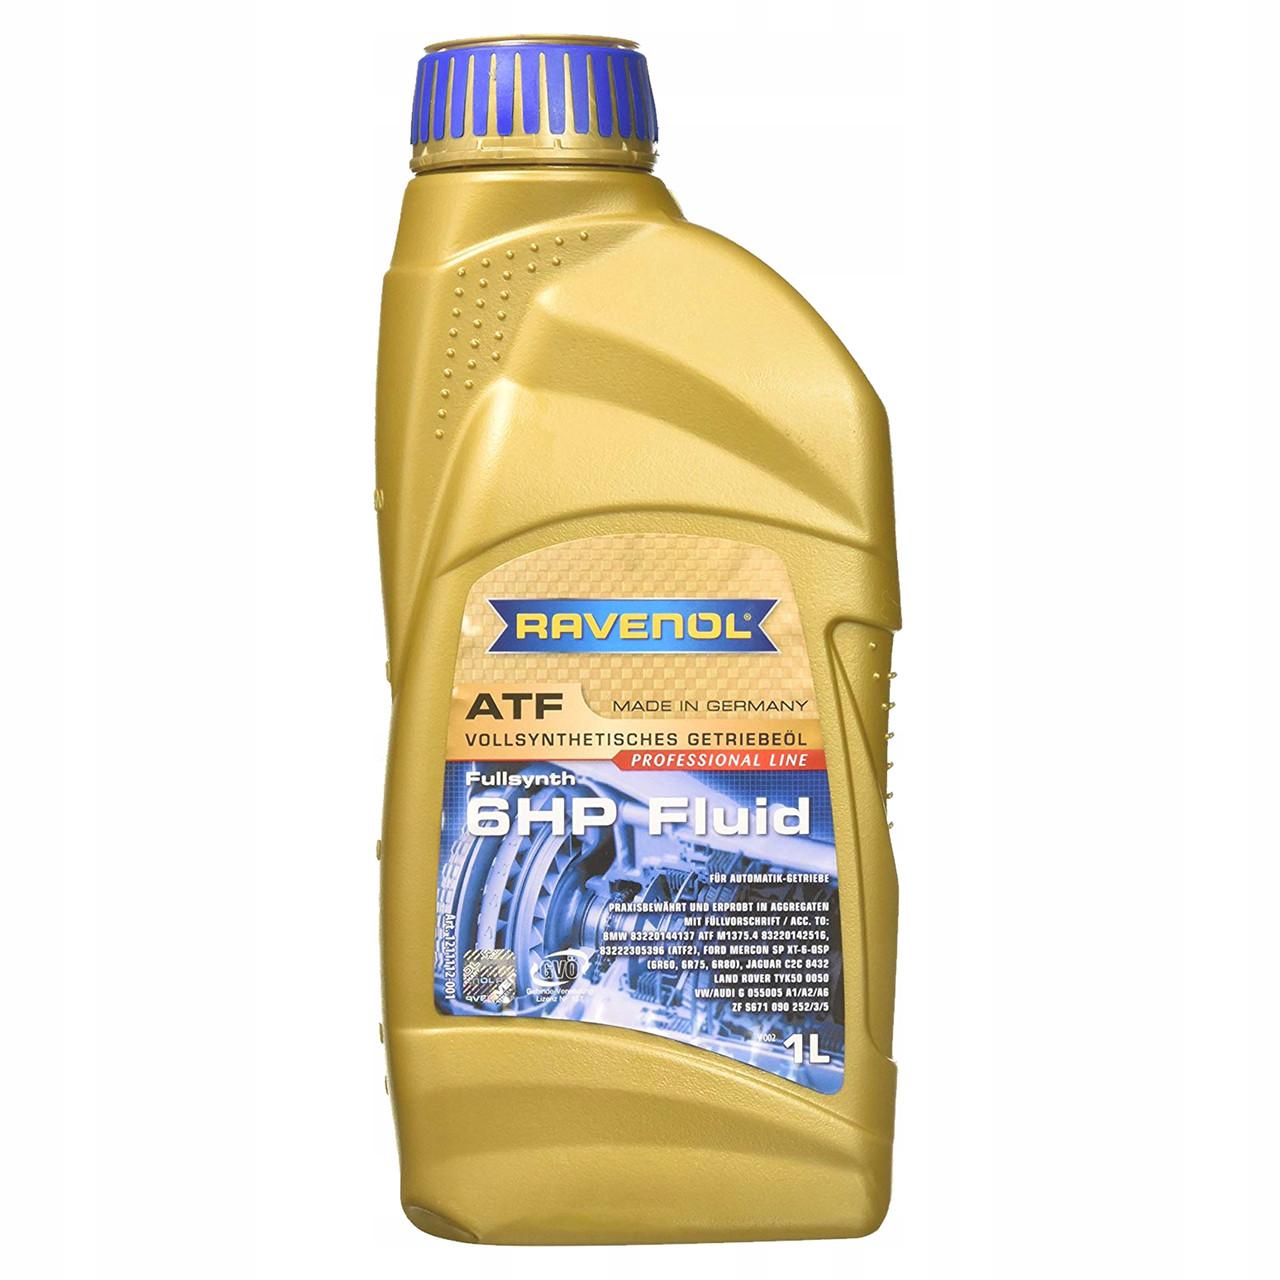 Трансмиссионное масло для АКПП RAVENOL ATF 6HP Fluid 1L.